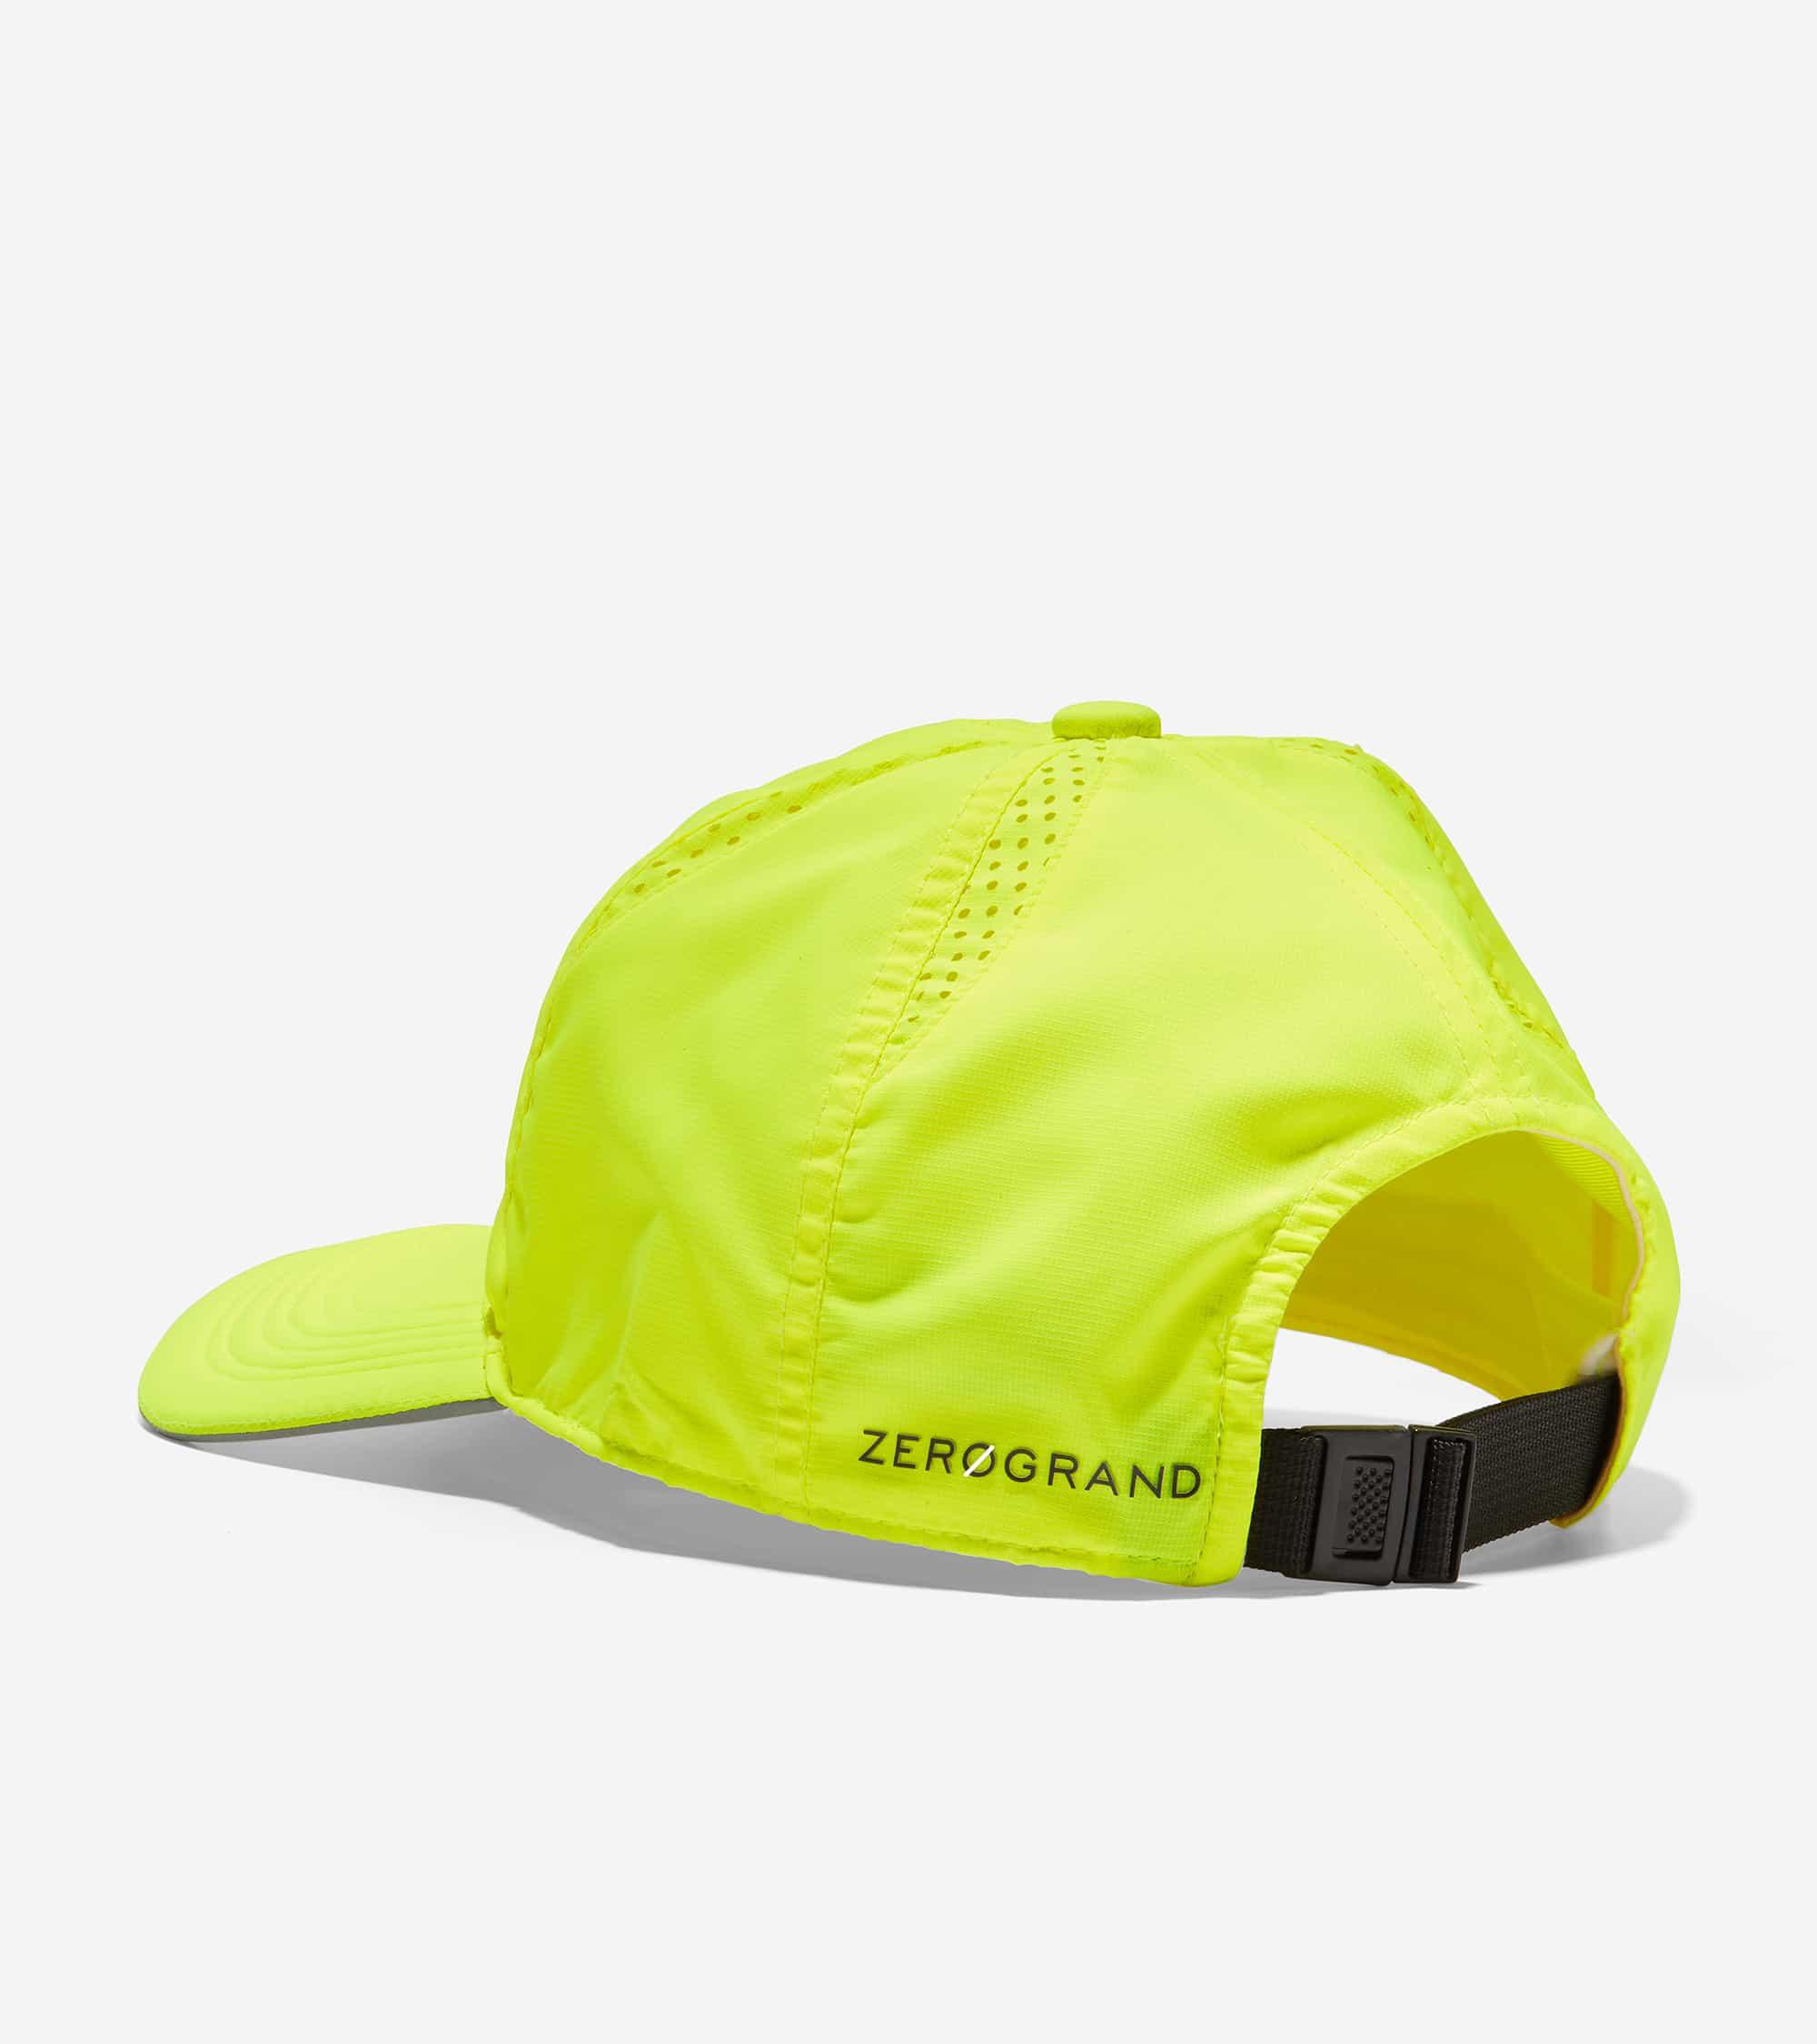 Cole Haan ZERØGRAND Running Cap Yellow